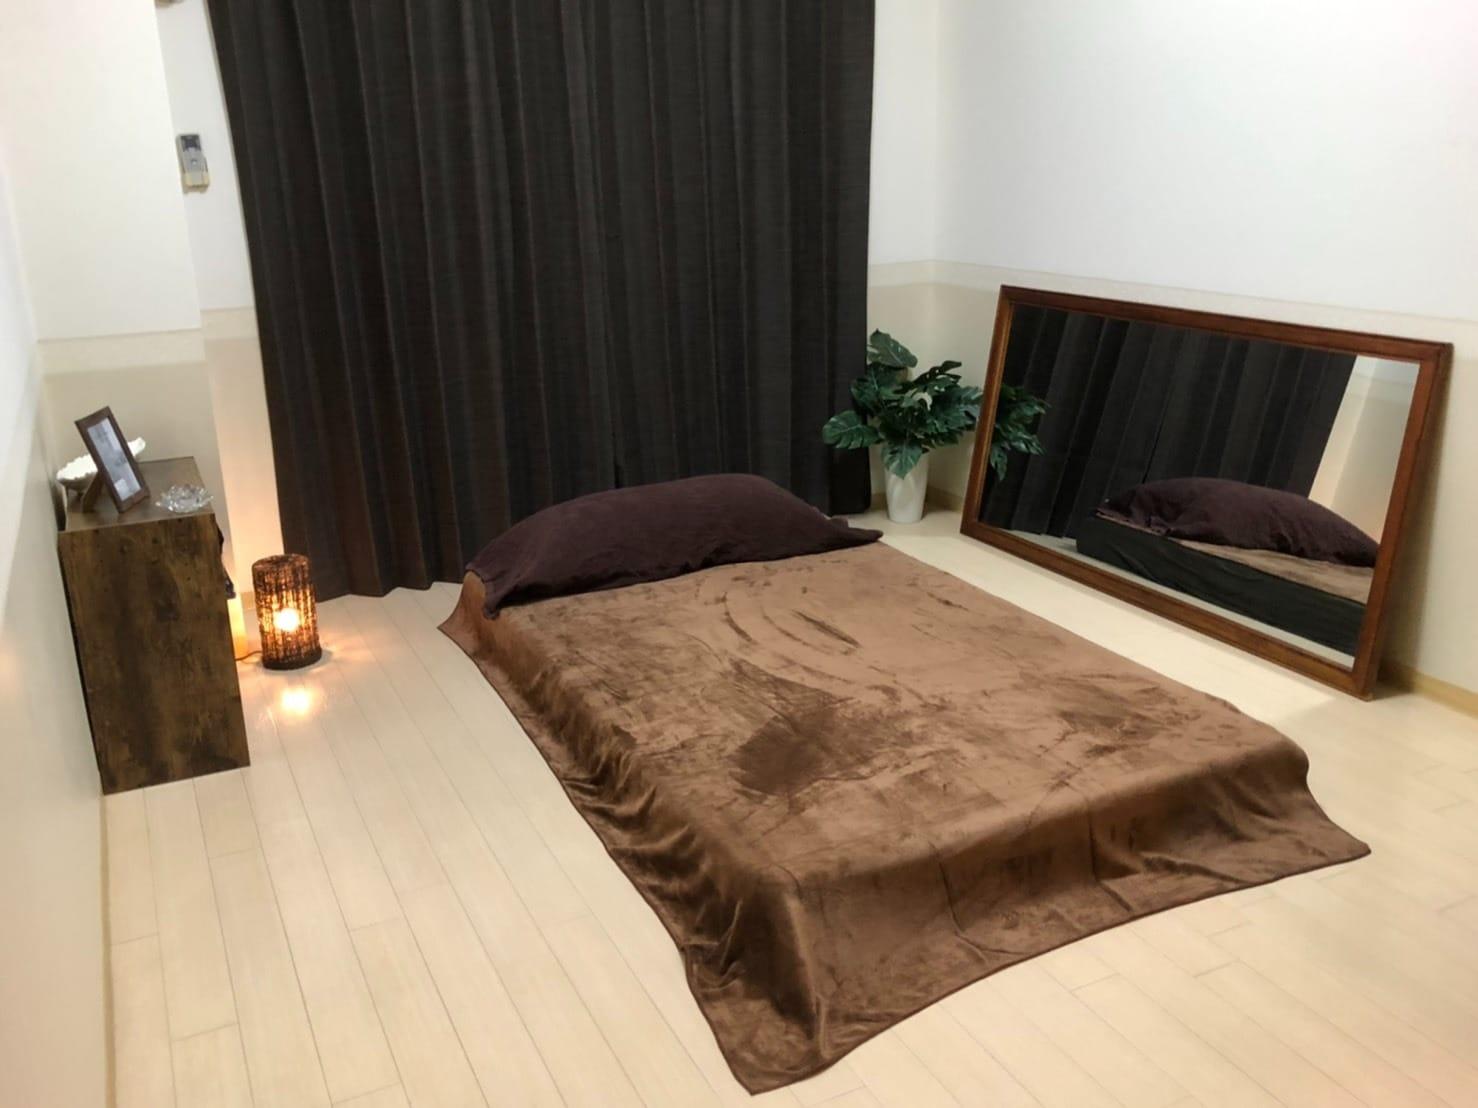 ☆綺麗なルームです☆|Affino~アフィーノ~の求人ブログ